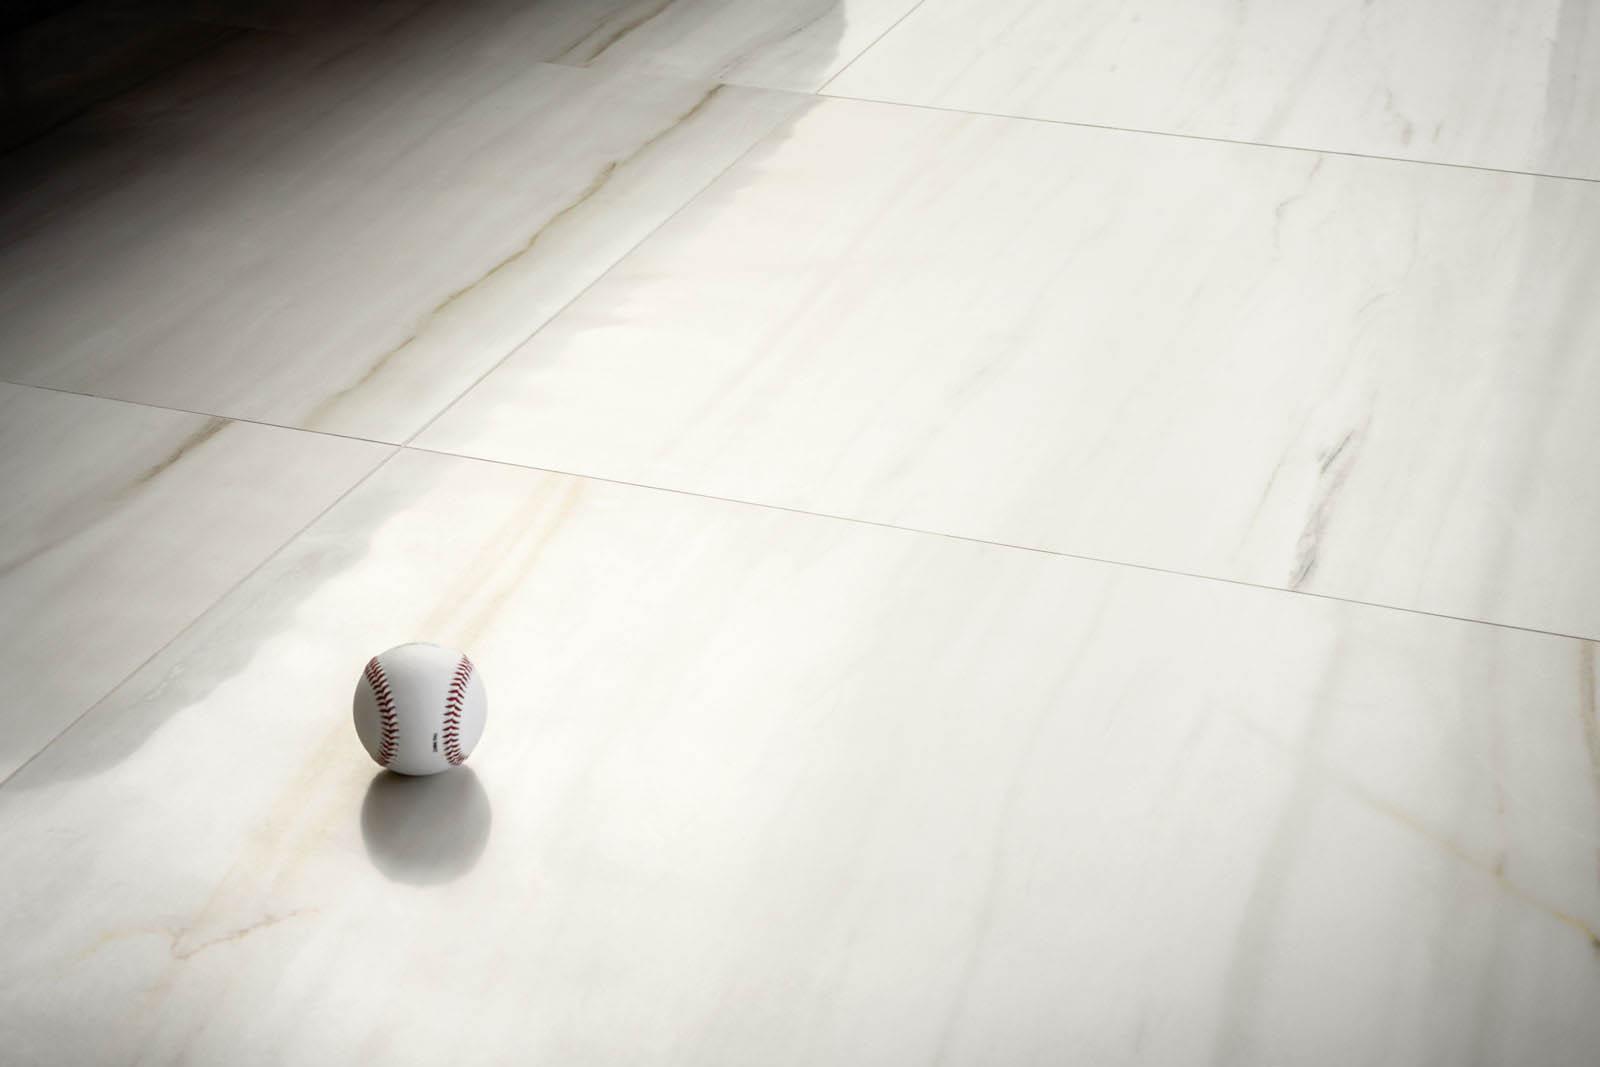 Dipingere Pavimento In Gres cambiare il pavimento: la guida pratica per migliorare lo